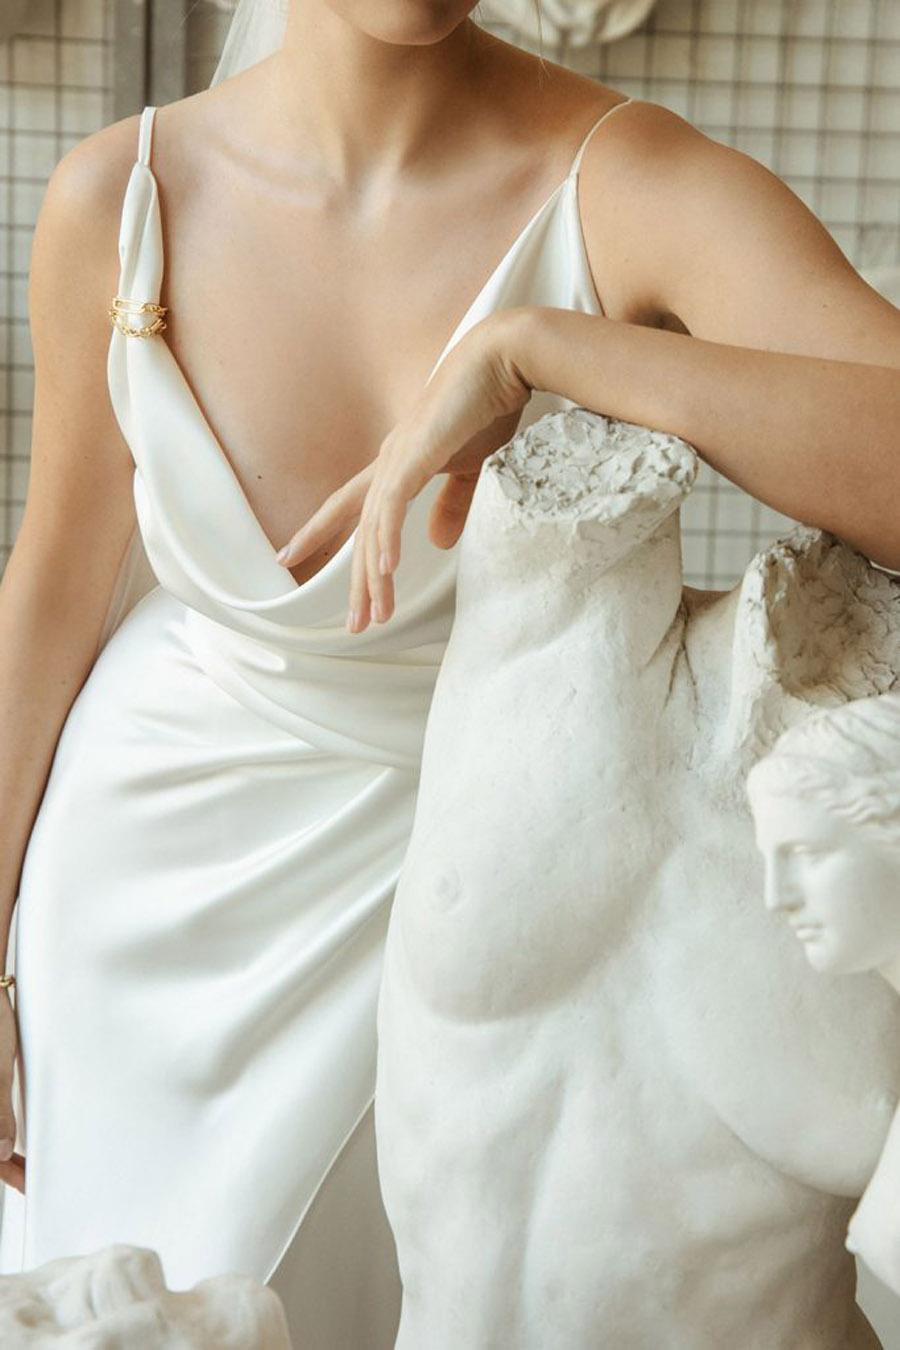 GALATEA, NUEVA COLECCIÓN BRIDAL 2020 DE ZE GARCÍA vestido-novia-ze-garcia